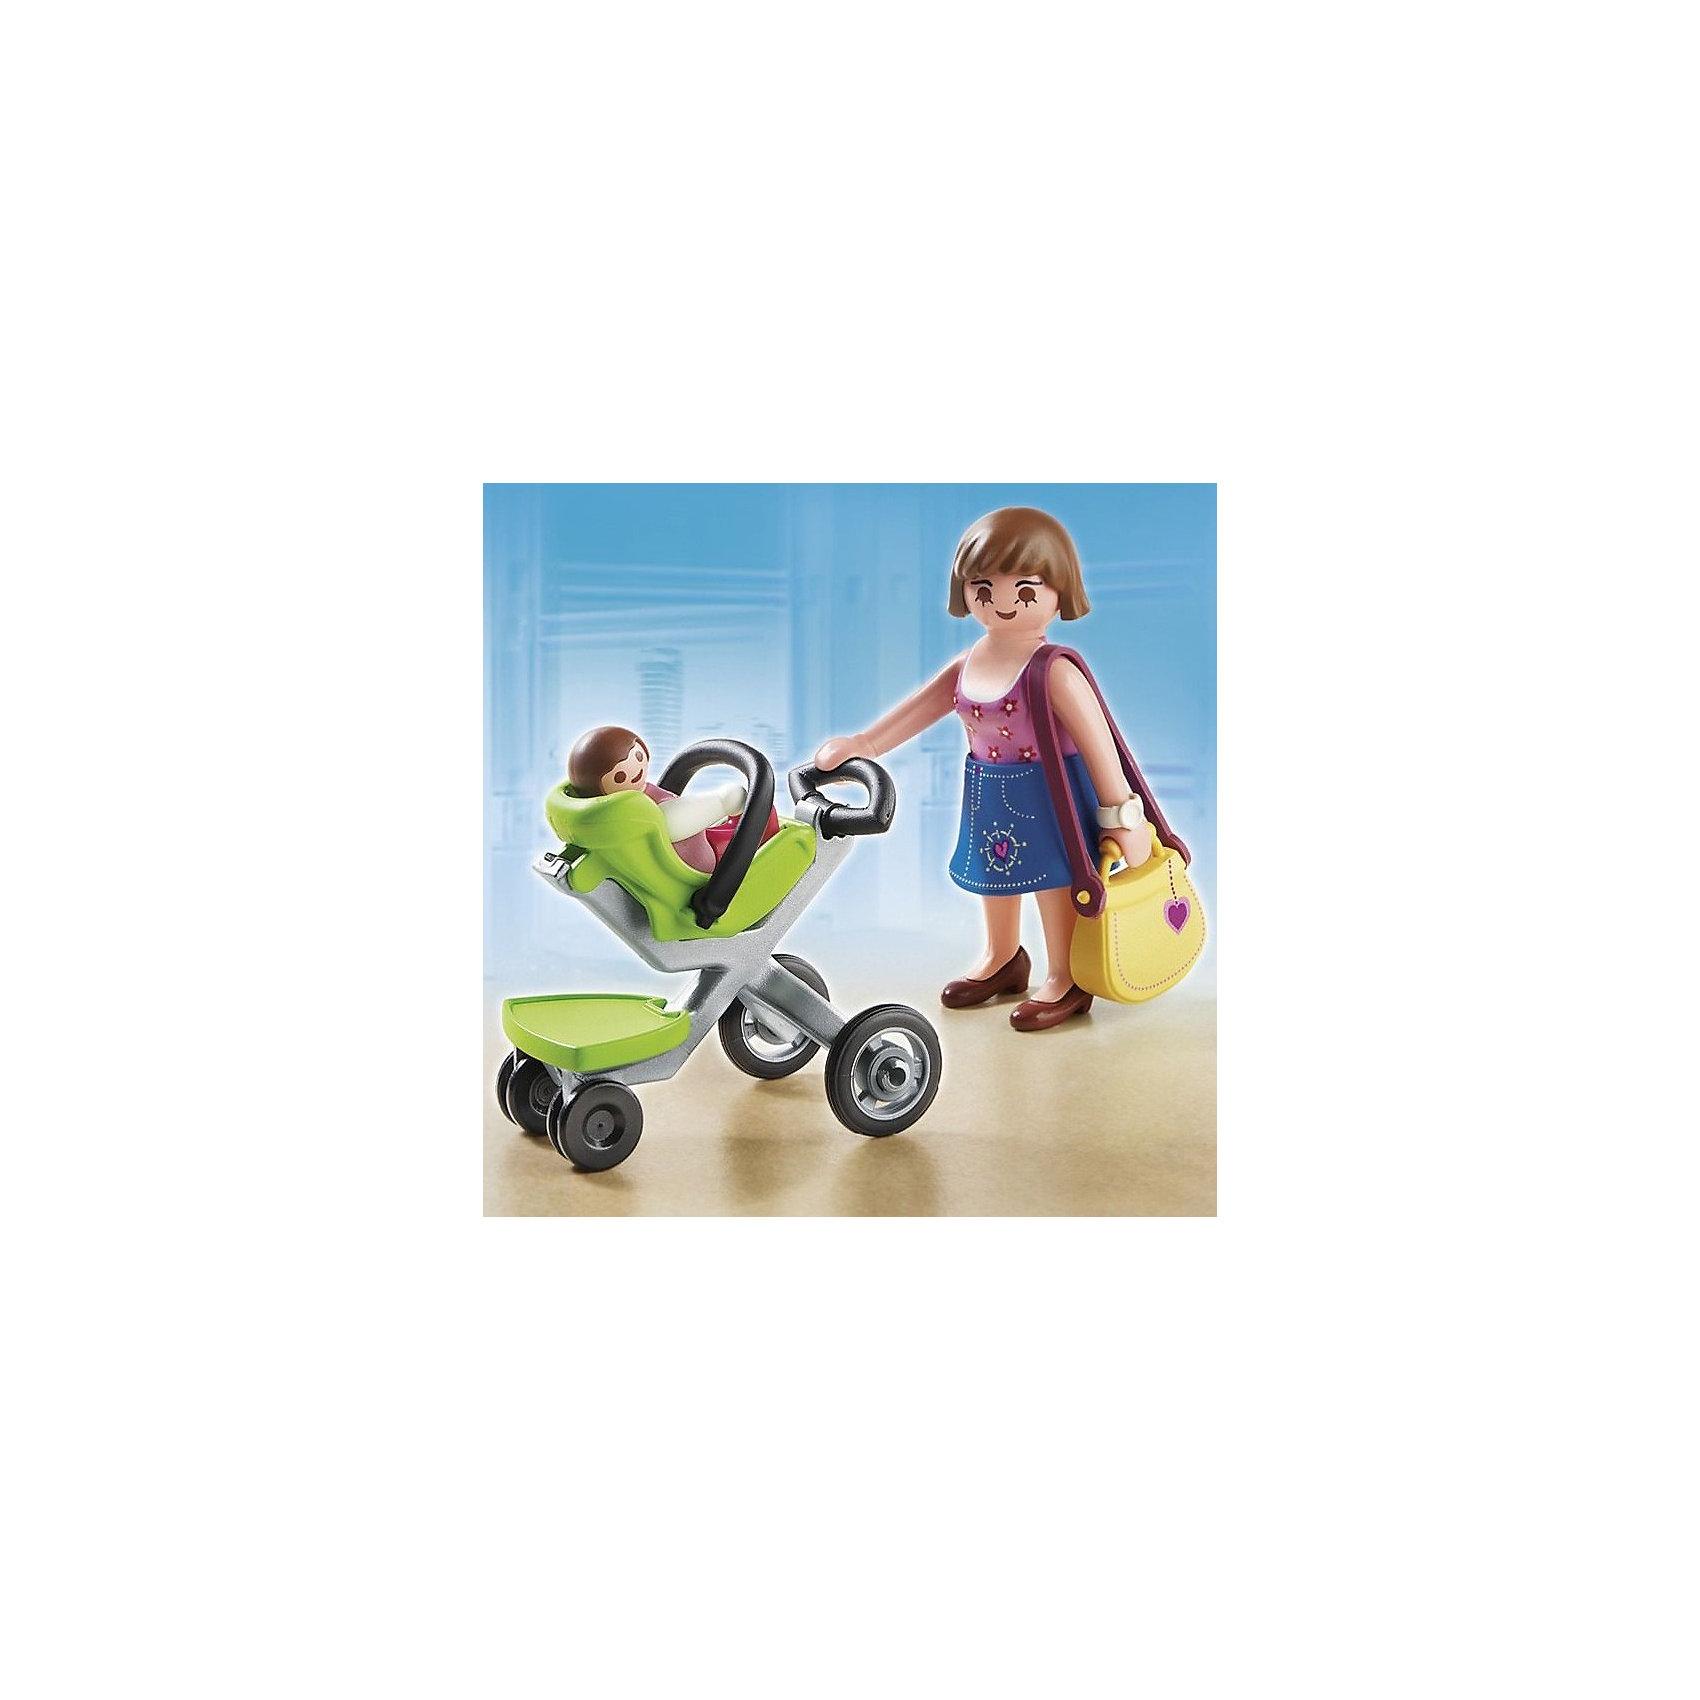 Покупательница с ребенком в коляске, PLAYMOBILПластмассовые конструкторы<br>Конструктор PLAYMOBIL (Плеймобил) 5491 Торговый центр: Покупательница с ребенком в коляске - прекрасная возможность для ребенка проявить свой творческий потенциал! Полезный конструктор для развития Вашего ребенка должен быть именно таким: красочным, безопасным и очень функциональным. Мама и малыш отправились в торговый центр PLAYMOBIL (Плеймобил). Малыш с удовольствием рассматривает витрины. Если мама захочет зайти в магазин, то сиденье с малышом можно отстегнуть от коляски. В удобной прогулочной коляске найдется место и для покупок из торгового центра. Создай увлекательные сюжеты с набором Покупательница с ребенком в коляске или объедини его с другими наборами серии и игра станет еще интереснее. Придумывая замечательные сюжеты с деталями конструктора, Ваш ребенок развивает фантазию, учится заботе и просто прекрасно проводит время!<br><br>Дополнительная информация:<br><br>- Конструкторы PLAYMOBIL (Плеймобил) отлично развивают мелкую моторику, фантазию и воображение;<br>- В наборе: 2 минифигурки (мама и ребенок), сумка, одежда, коляска, аксессуары;<br>- Количество деталей: 16 шт;<br>- Материал: безопасный пластик;<br>- Размер минифигурки взрослого: 7,5 см;<br>- Размер упаковки: 15 х 15 х 5 см;<br>- Вес: 141 г<br><br>Конструктор PLAYMOBIL (Плеймобил) 5491 Торговый центр: Покупательница с ребенком в коляске можно купить в нашем интернет-магазине.<br><br>Ширина мм: 152<br>Глубина мм: 154<br>Высота мм: 53<br>Вес г: 85<br>Возраст от месяцев: 60<br>Возраст до месяцев: 144<br>Пол: Женский<br>Возраст: Детский<br>SKU: 3101964